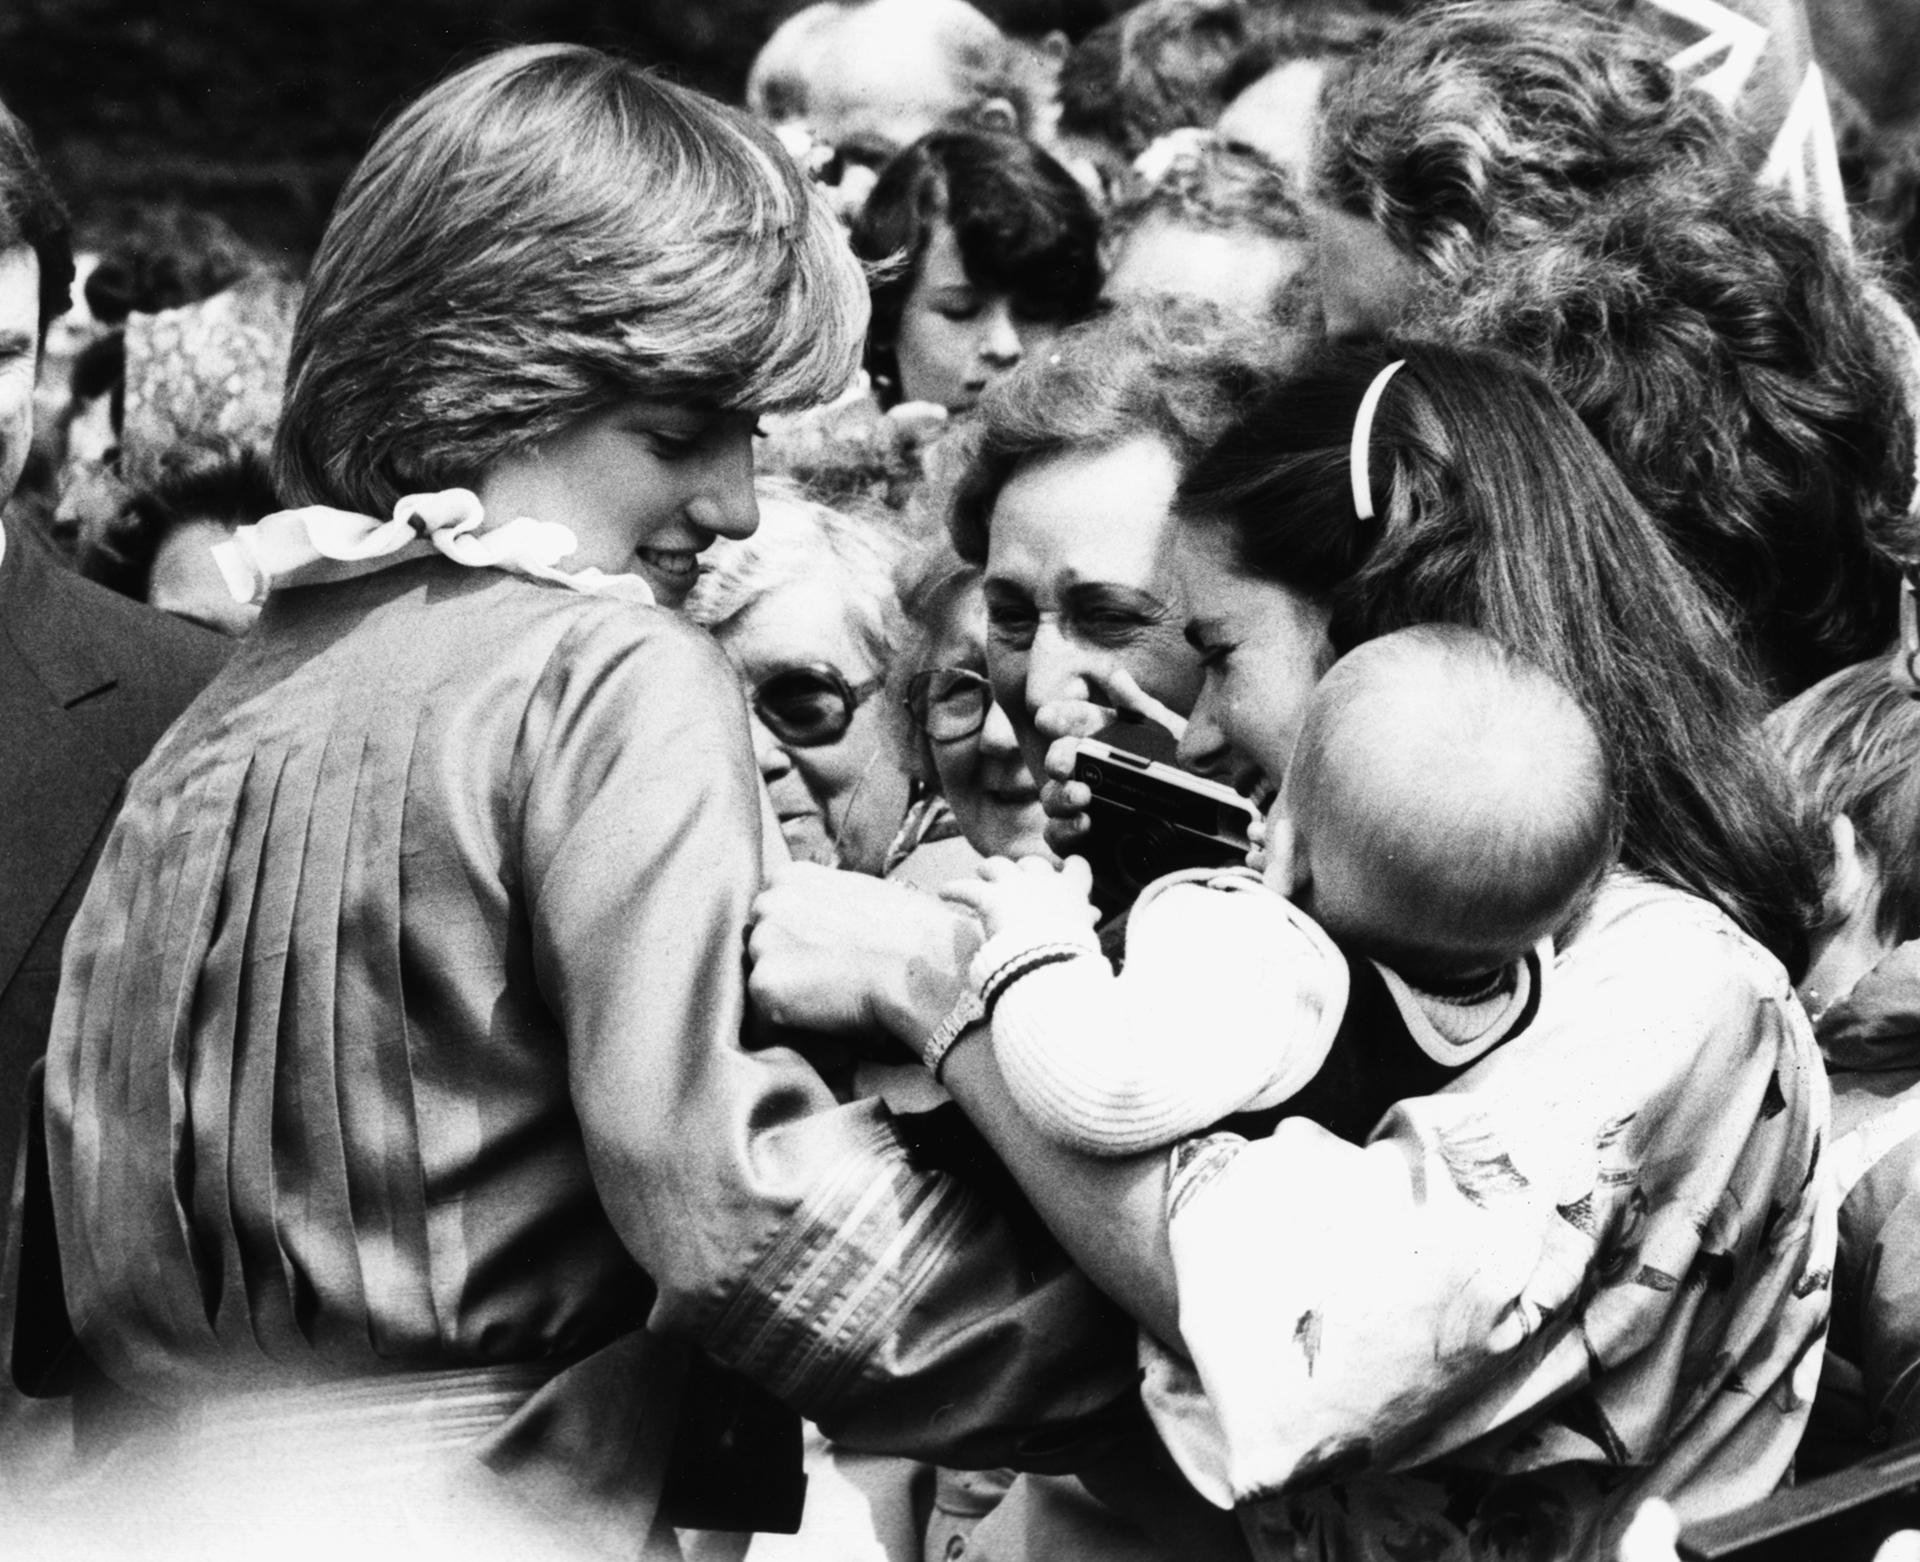 En la presentación oficial de su primer hijo lucióun vestido midi plisado, una tendencia furor en la época (Foto de Graham Turner/Keystone/Getty Images)